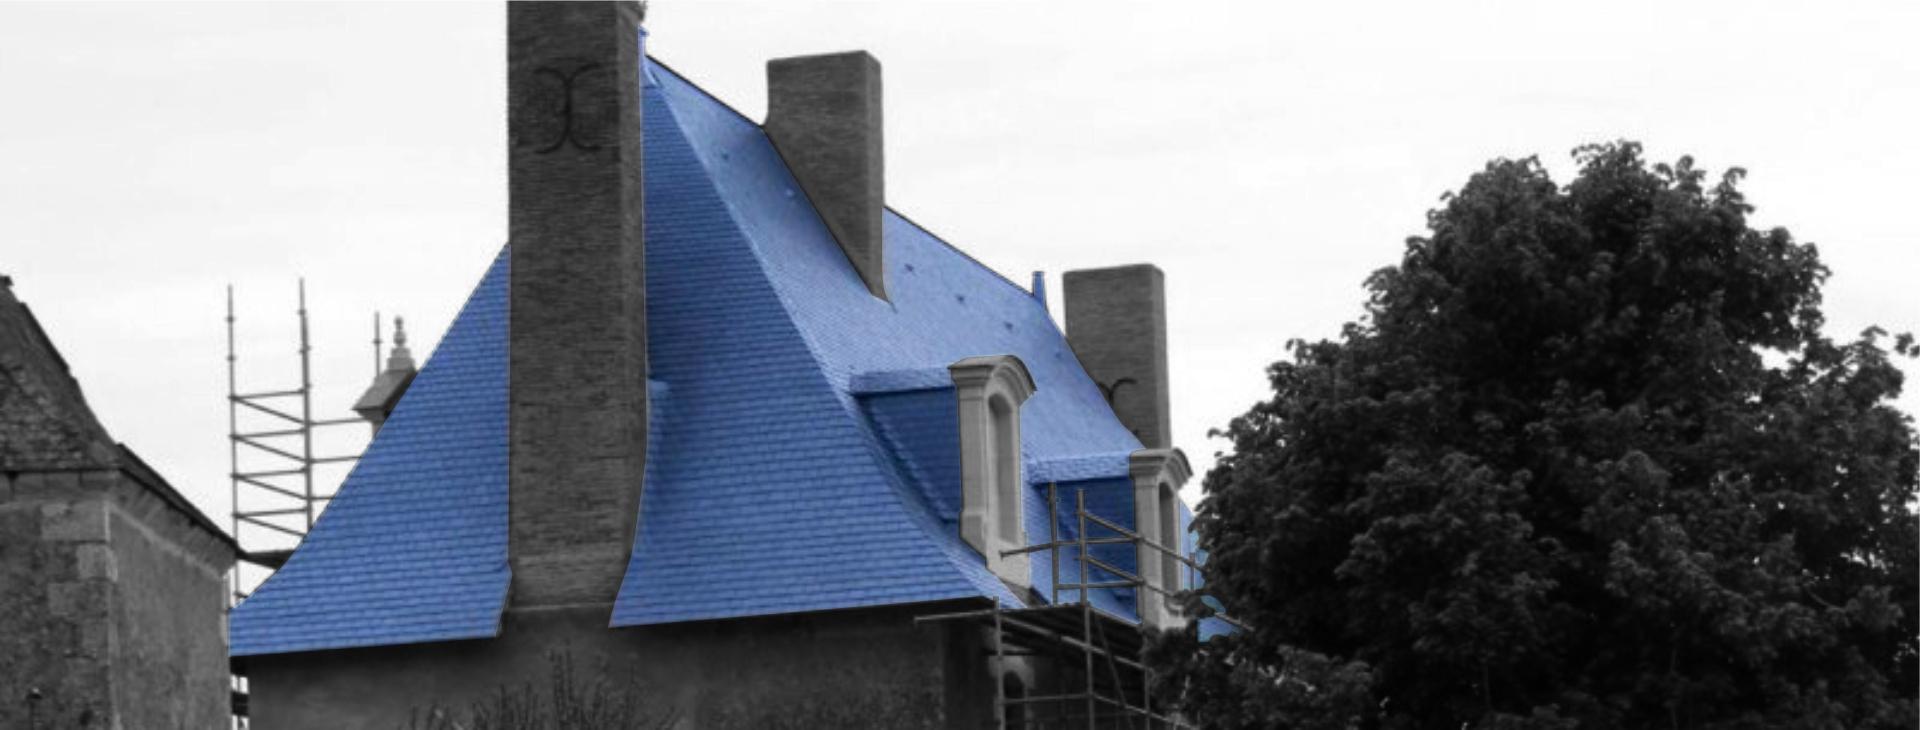 heriaucouverture_savoir_faire_ornementations_compilations_chateaux